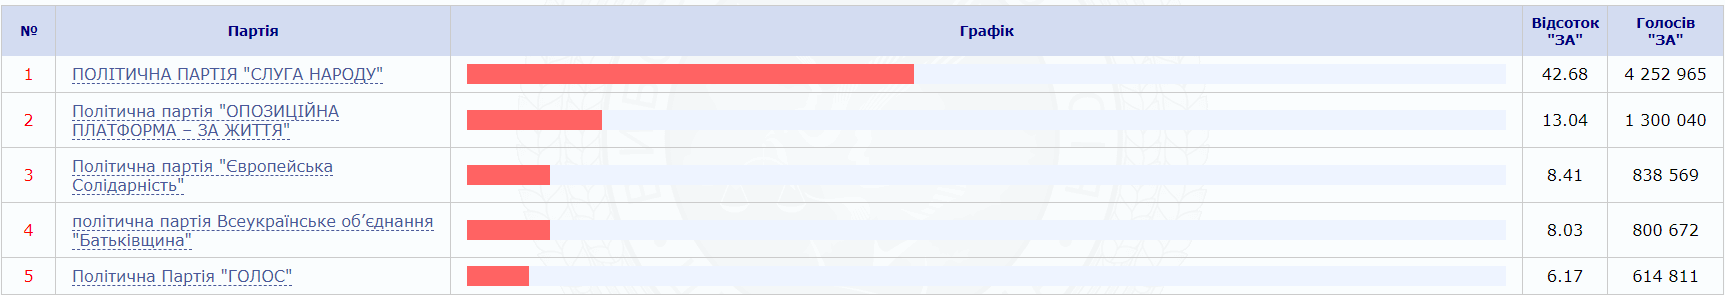 Выборы. ЦИК обработала 70% протоколов: Слуга народа впереди